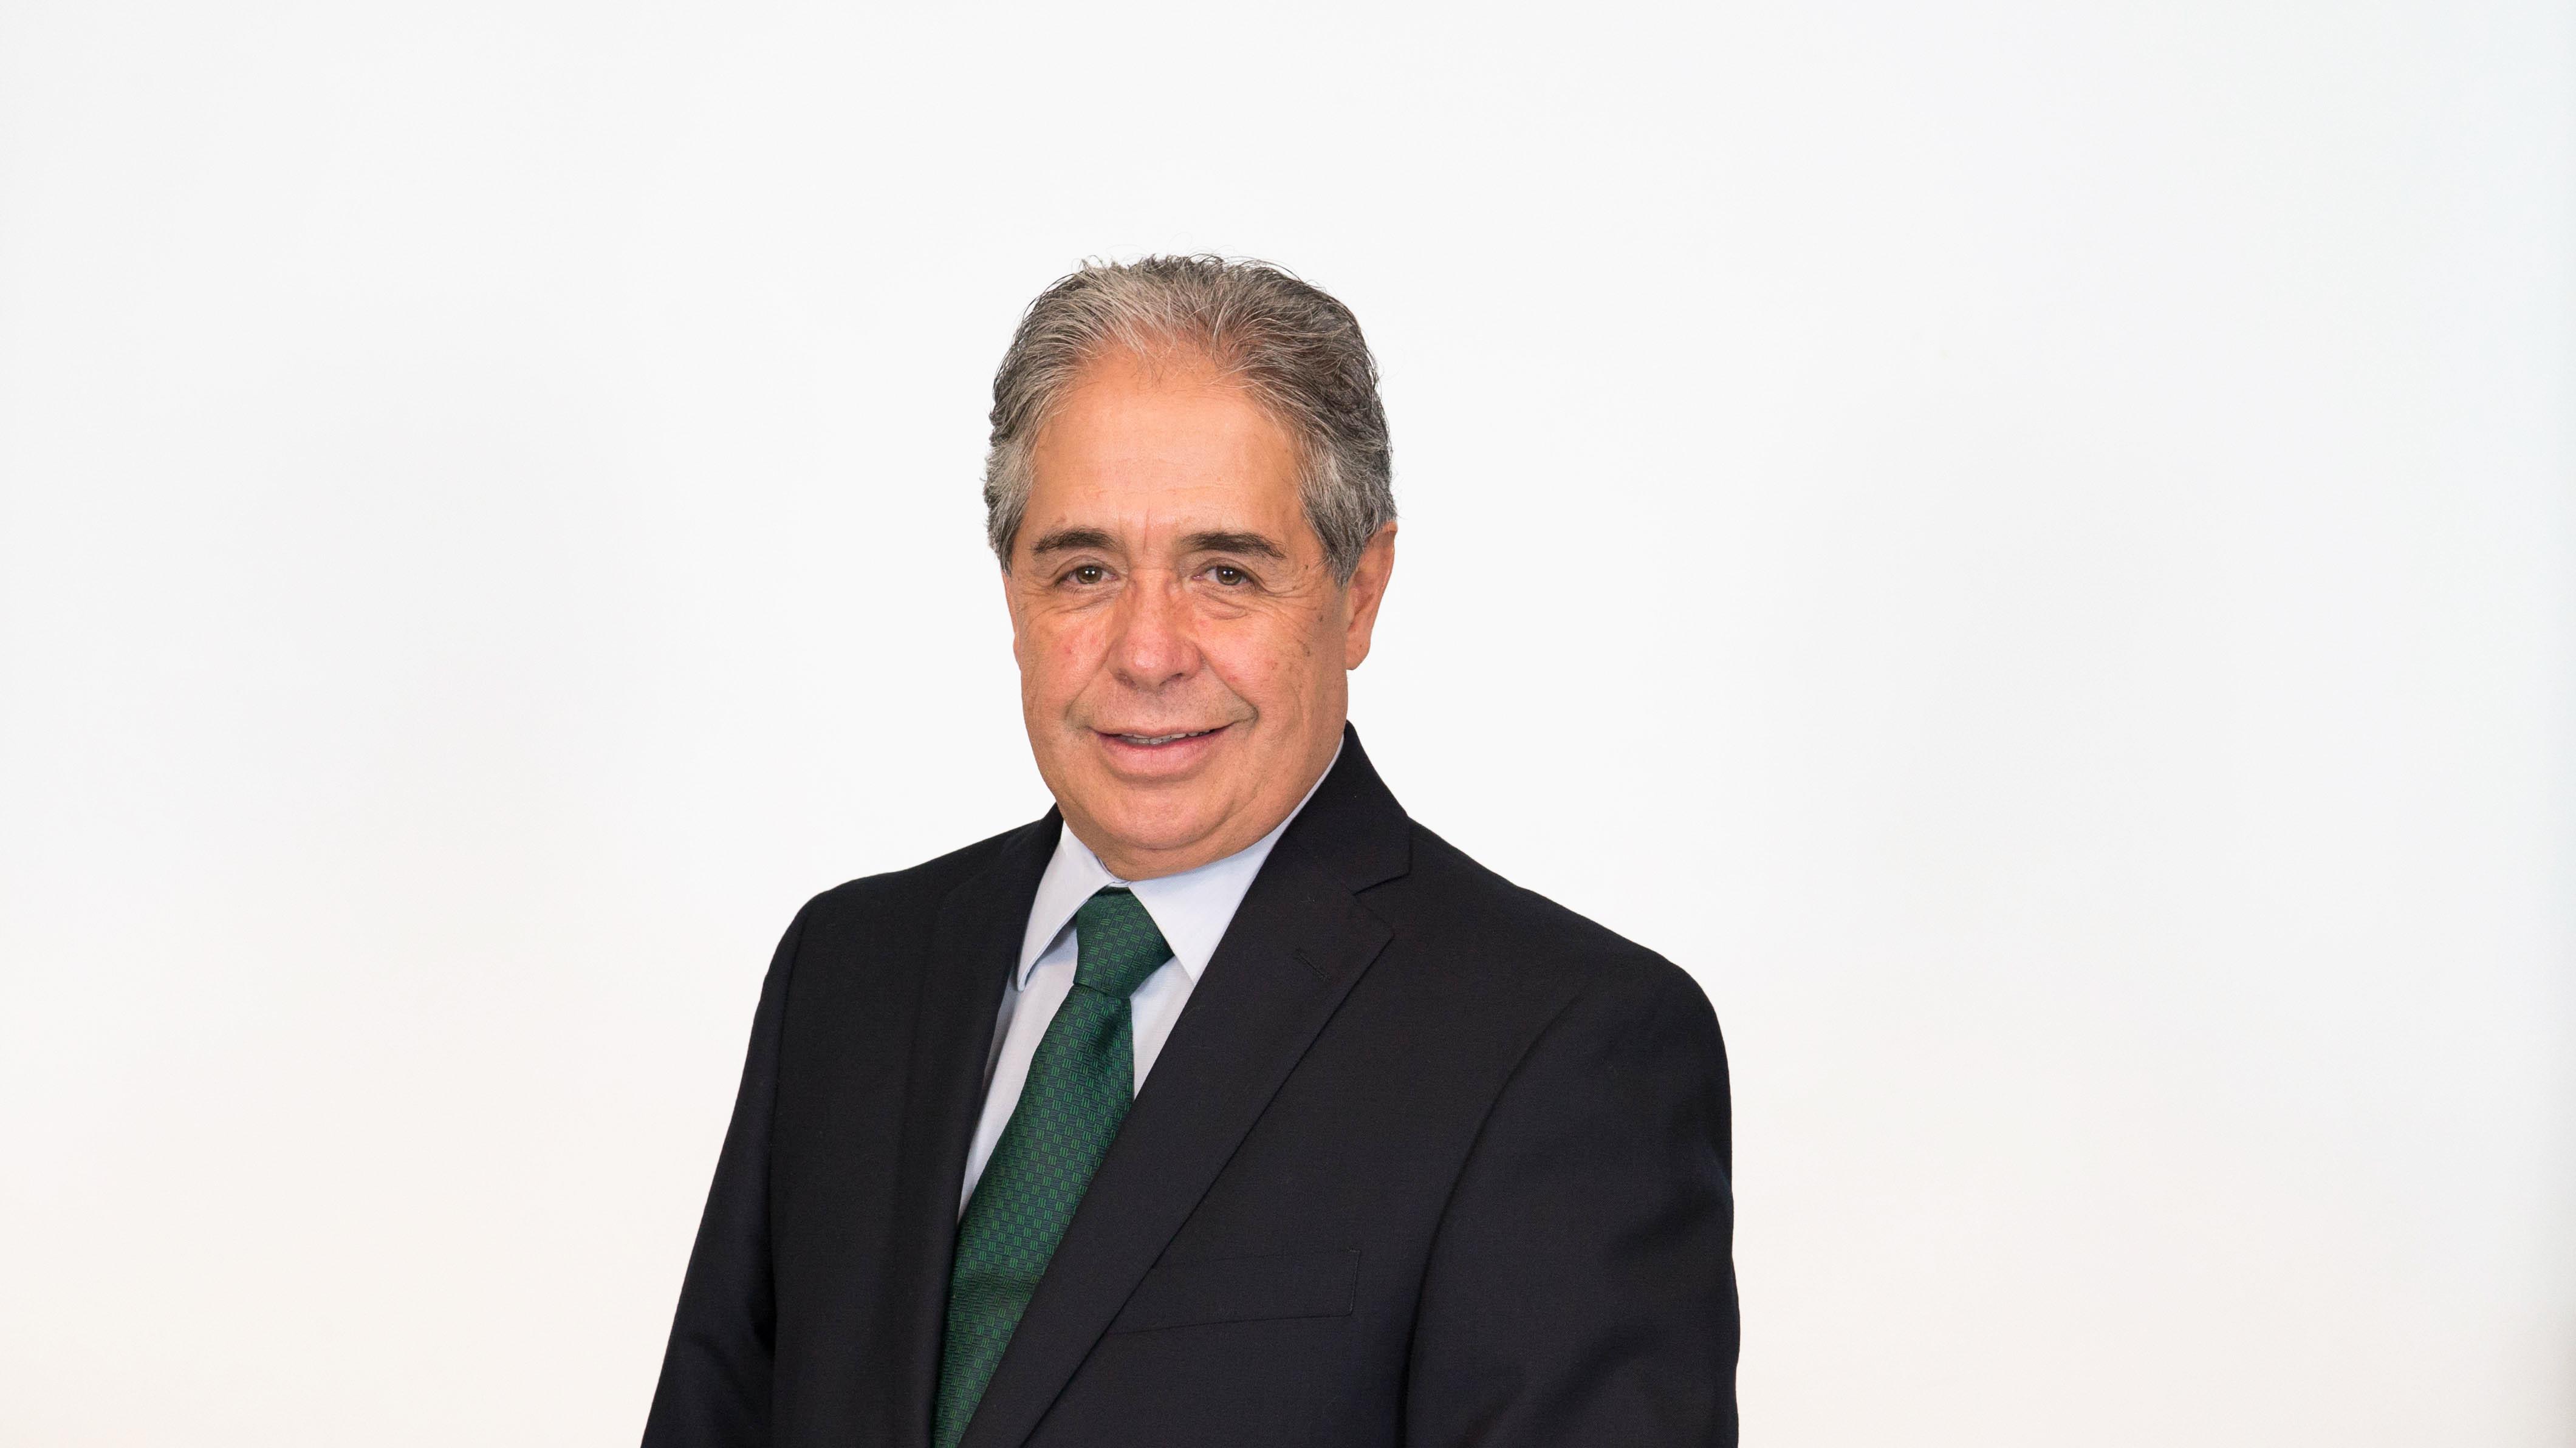 Dr. Rafael Muñoz Fraga